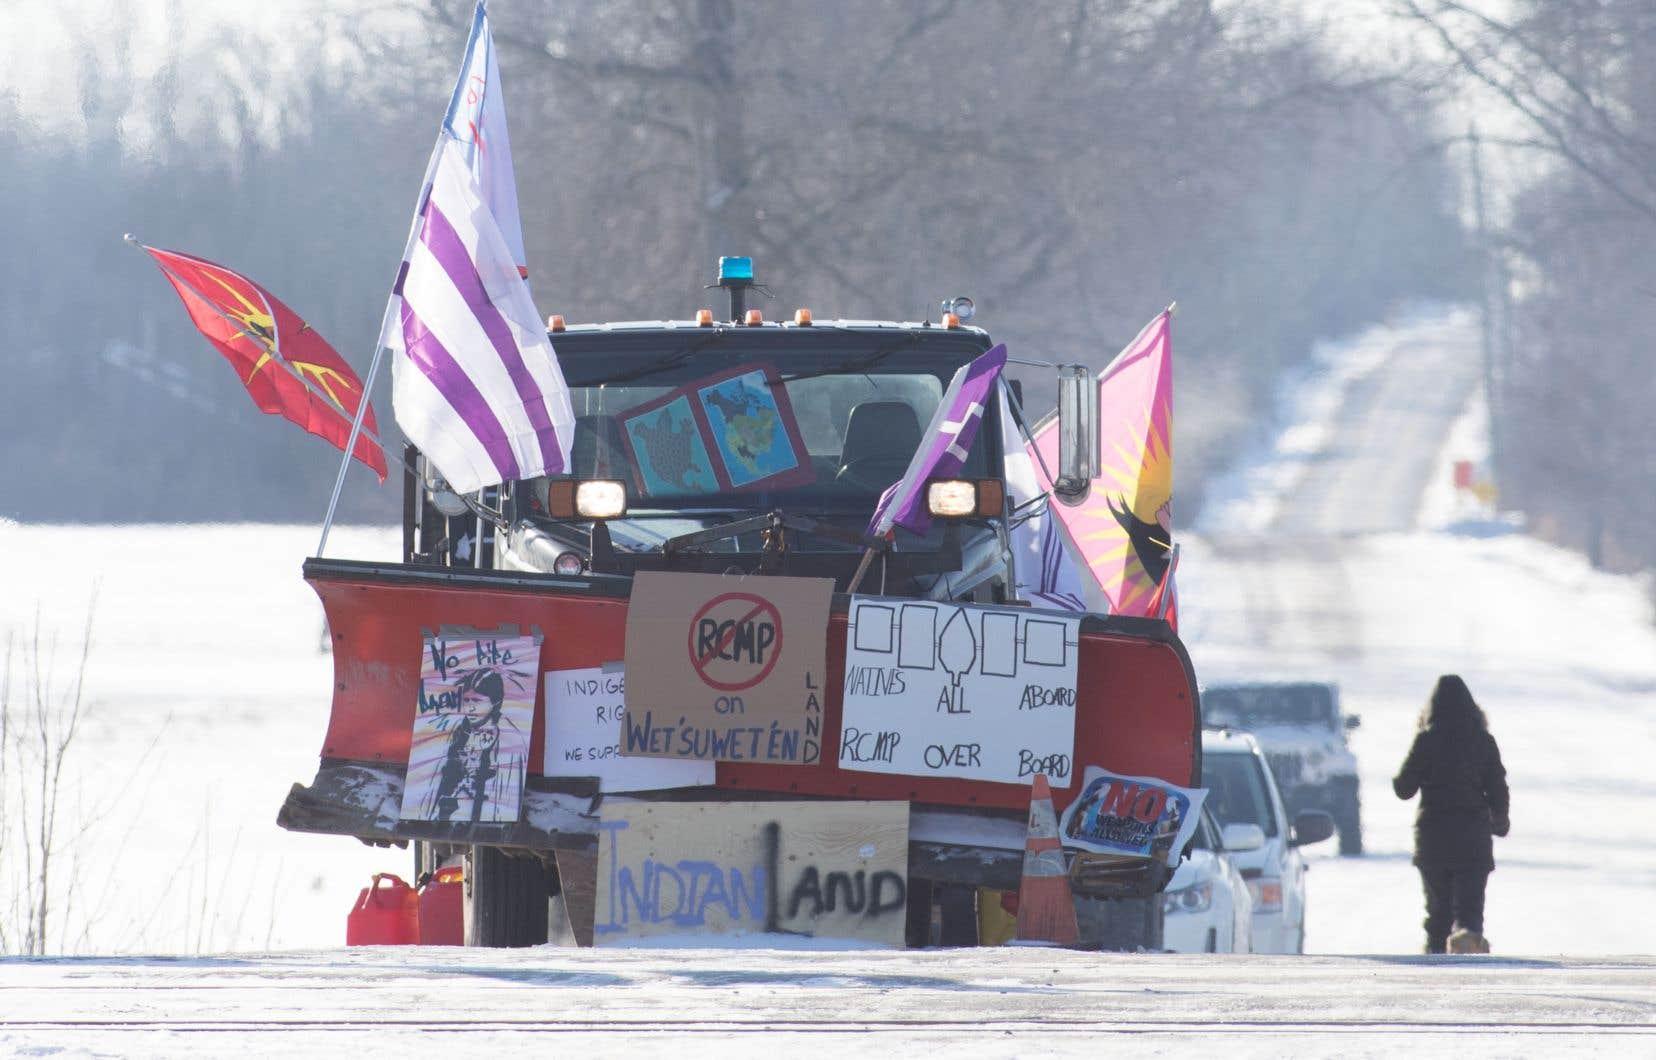 Un camion avec des drapeaux et des affiches se tient près de la voie ferrée bloquée, au neuvième jour du blocus ferroviaire, à Tyendinaga, près de Belleville, en Ontario.